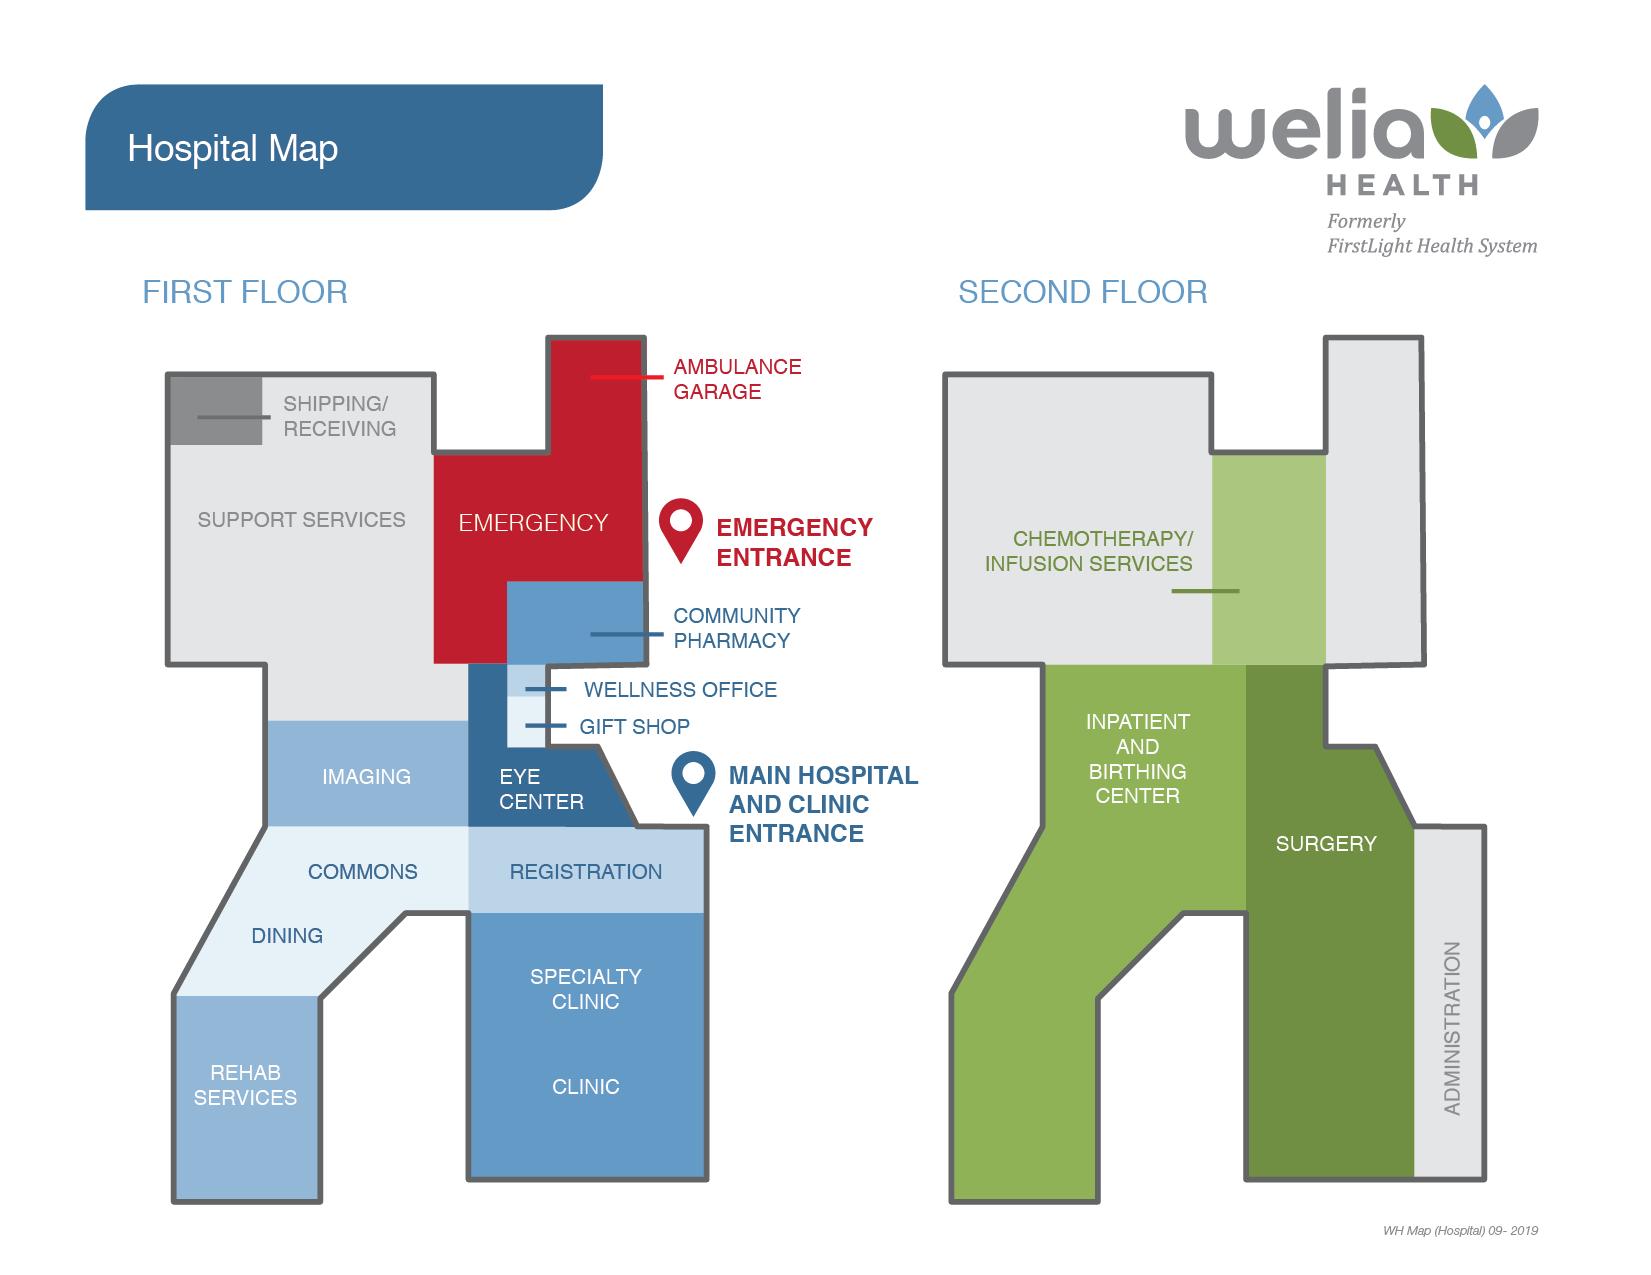 Welia Health hospital map